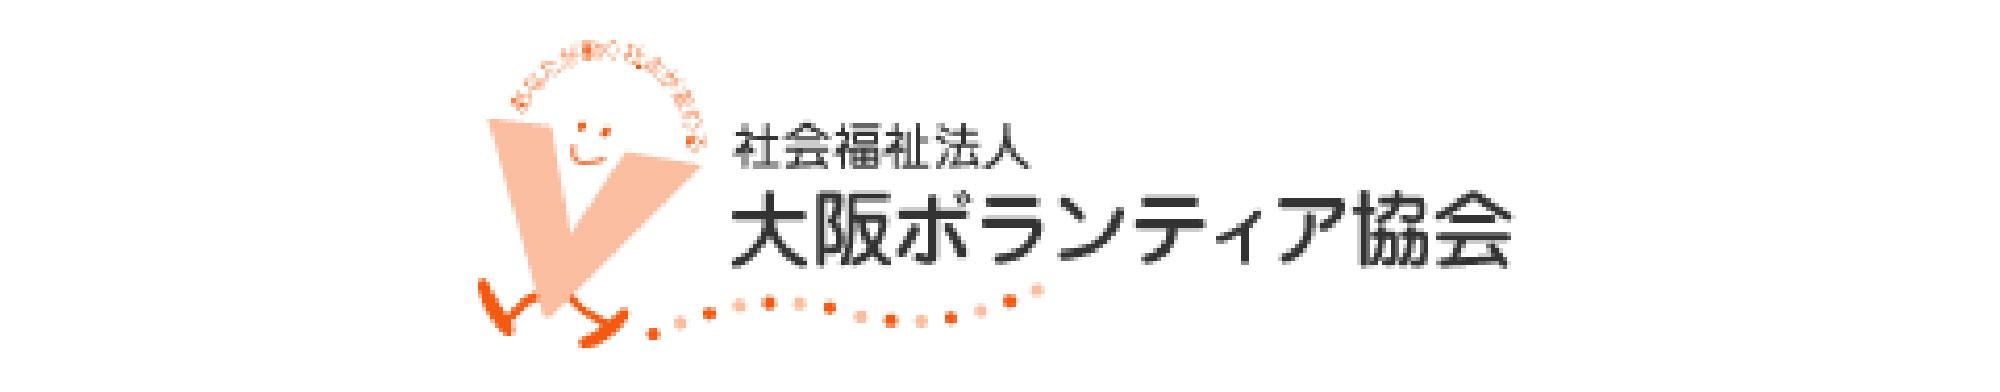 (福)大阪ボランティア協会